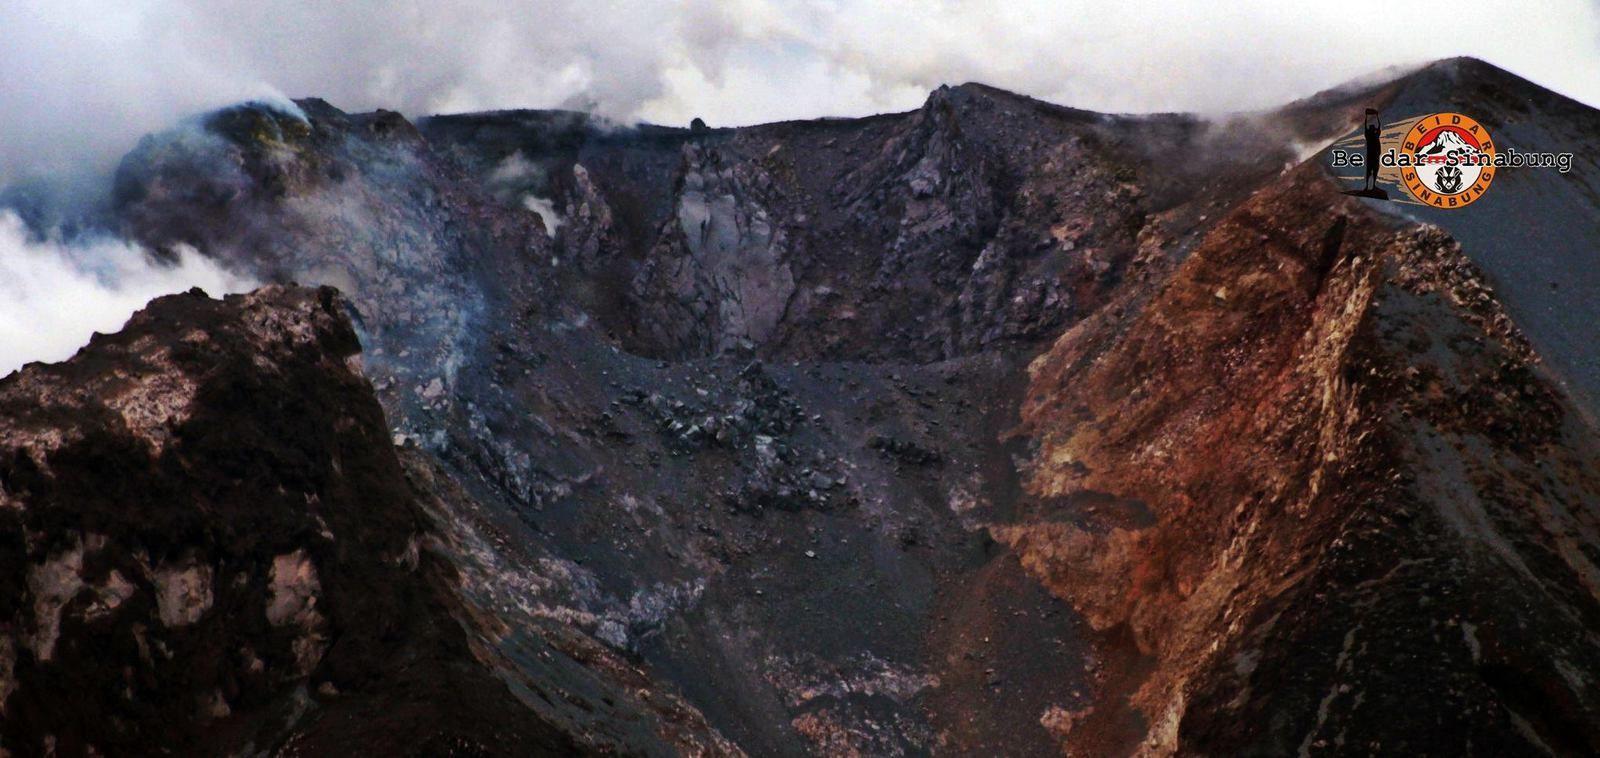 Sinabung - morphologie modifiée du sommet - un clic sur la photo pour agrandir - photo Firdaus Surbakti 10.11.2016 / 16h09 via Beidar Sinabung